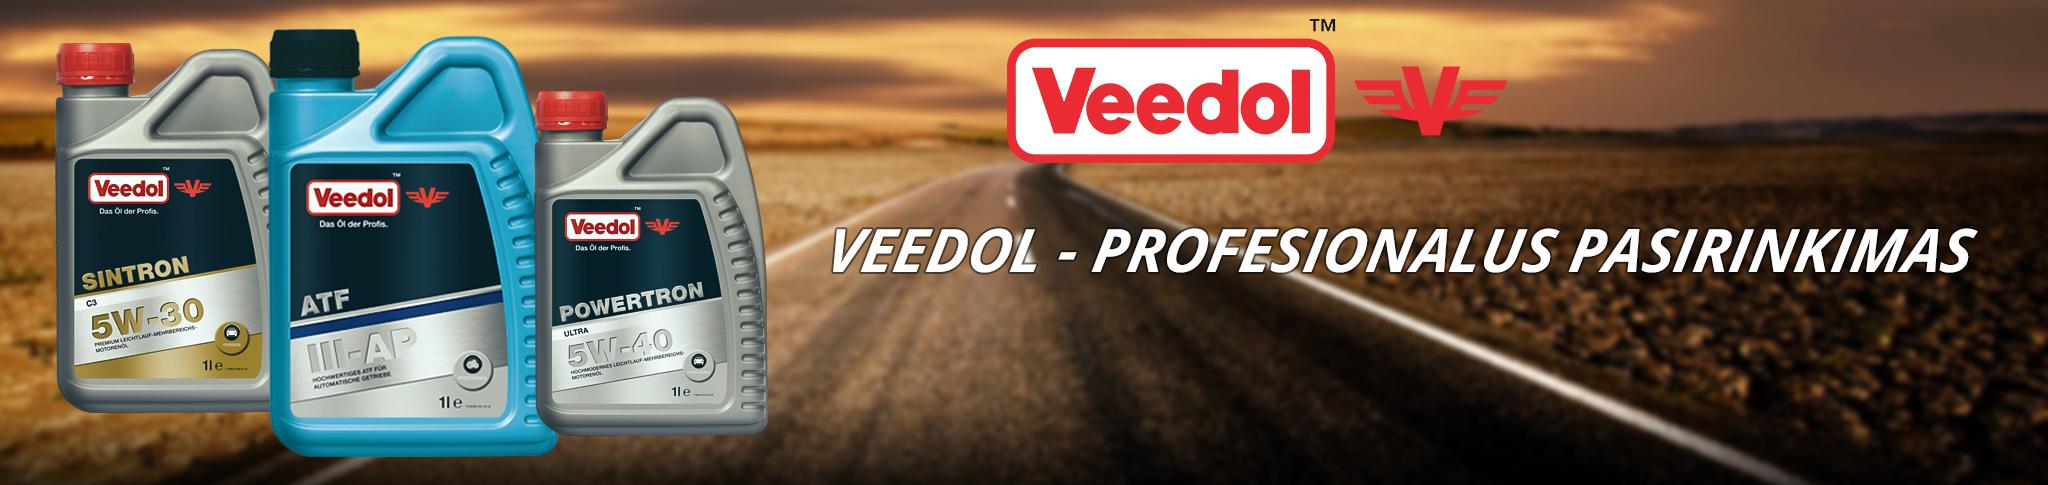 veedol-naujas